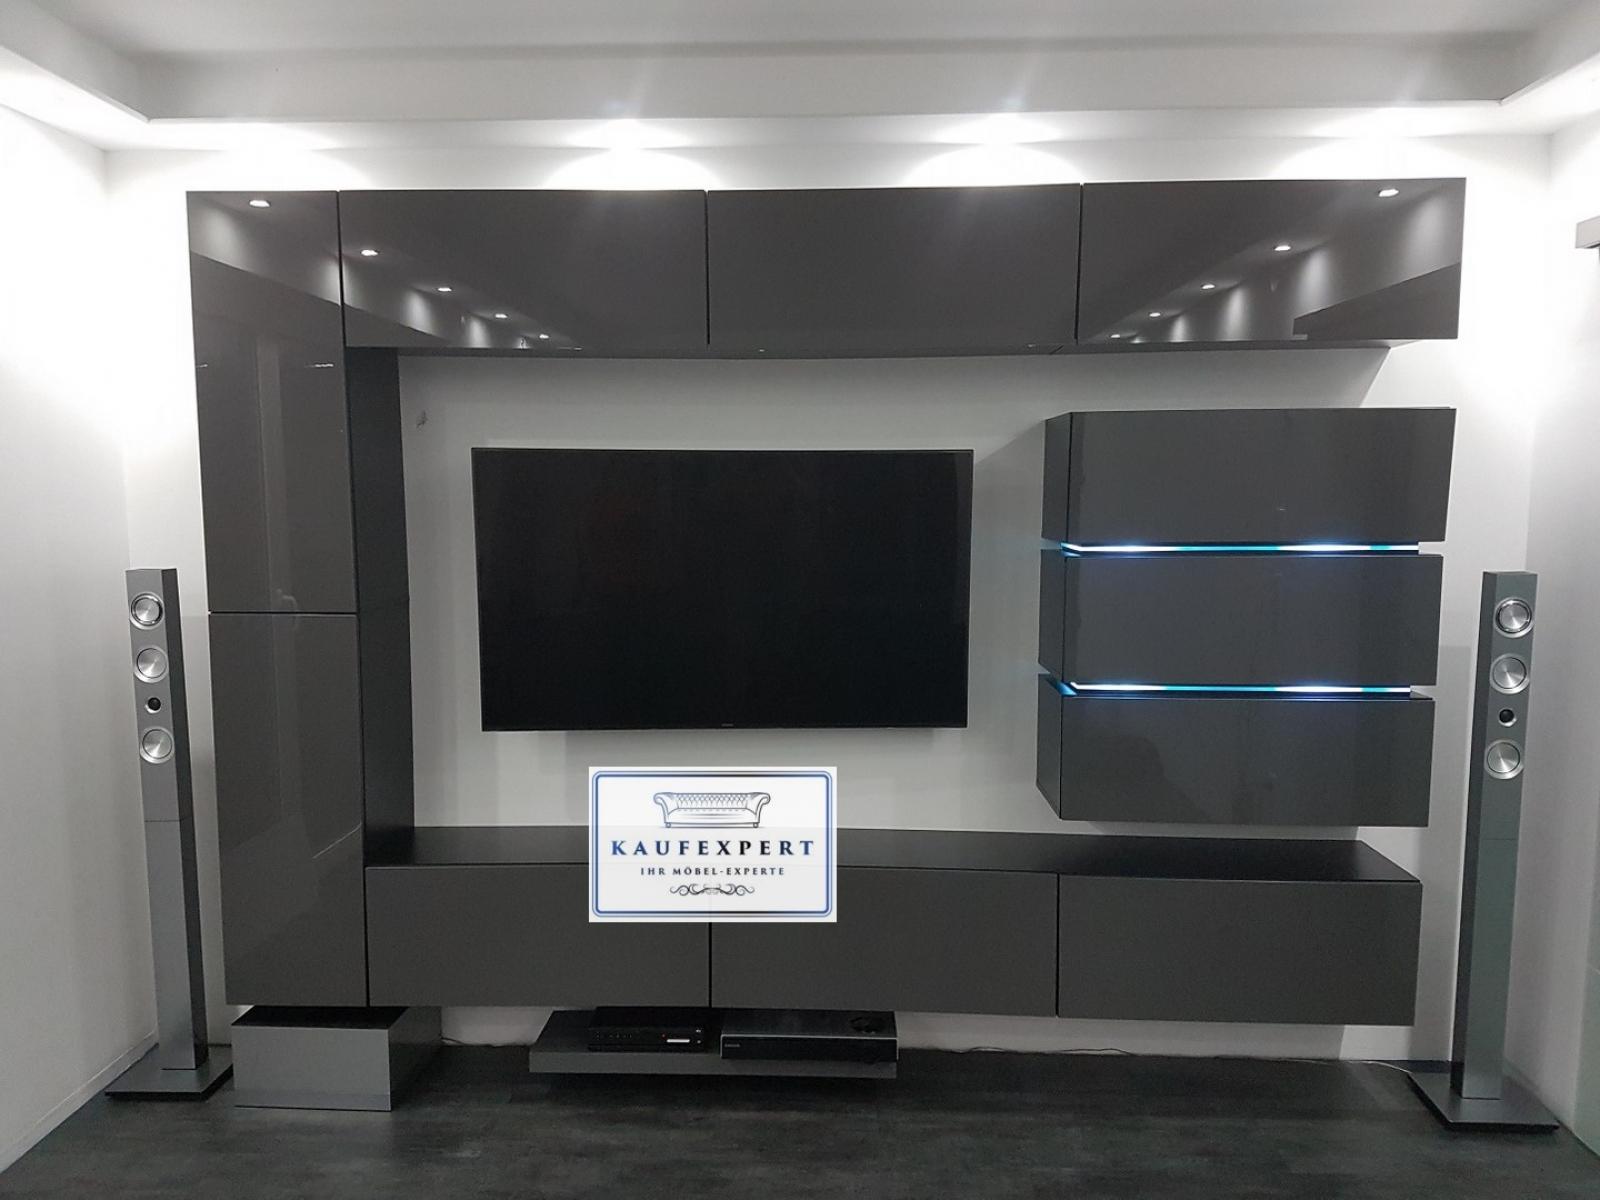 KAUFEXPERT   Wohnwand Shine Grau Hochglanz/Schwarz 284 Cm Mediawand  Medienwand Design Modern Led Beleuchtung MDF Hochglanz Hängewand  Hängeschrank TV Wand